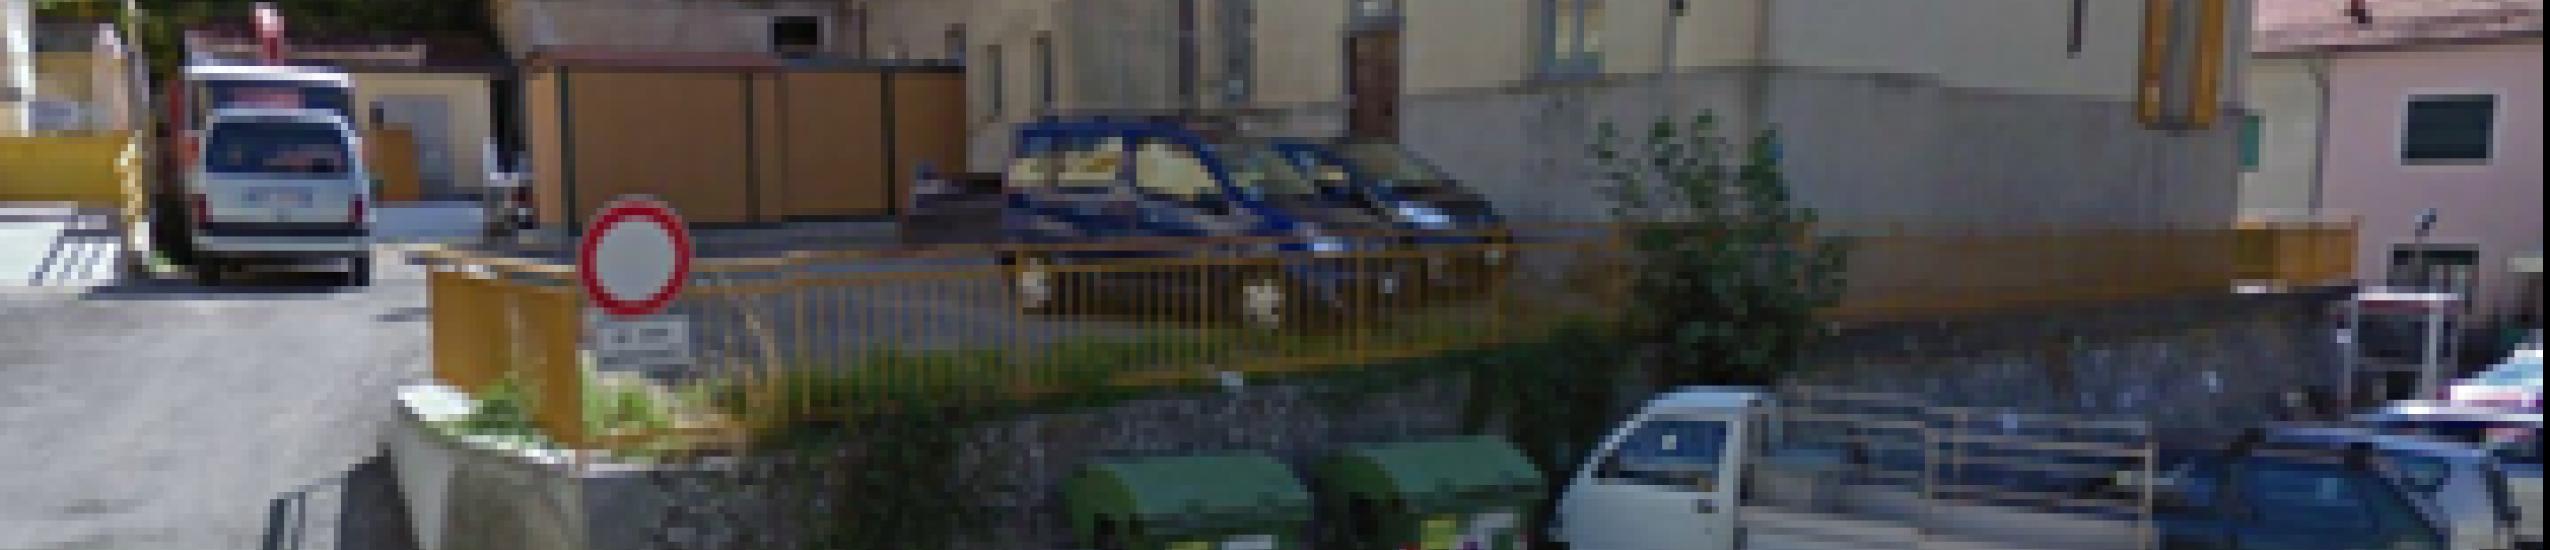 il parcheggio pubblico di pertinenza del Comune